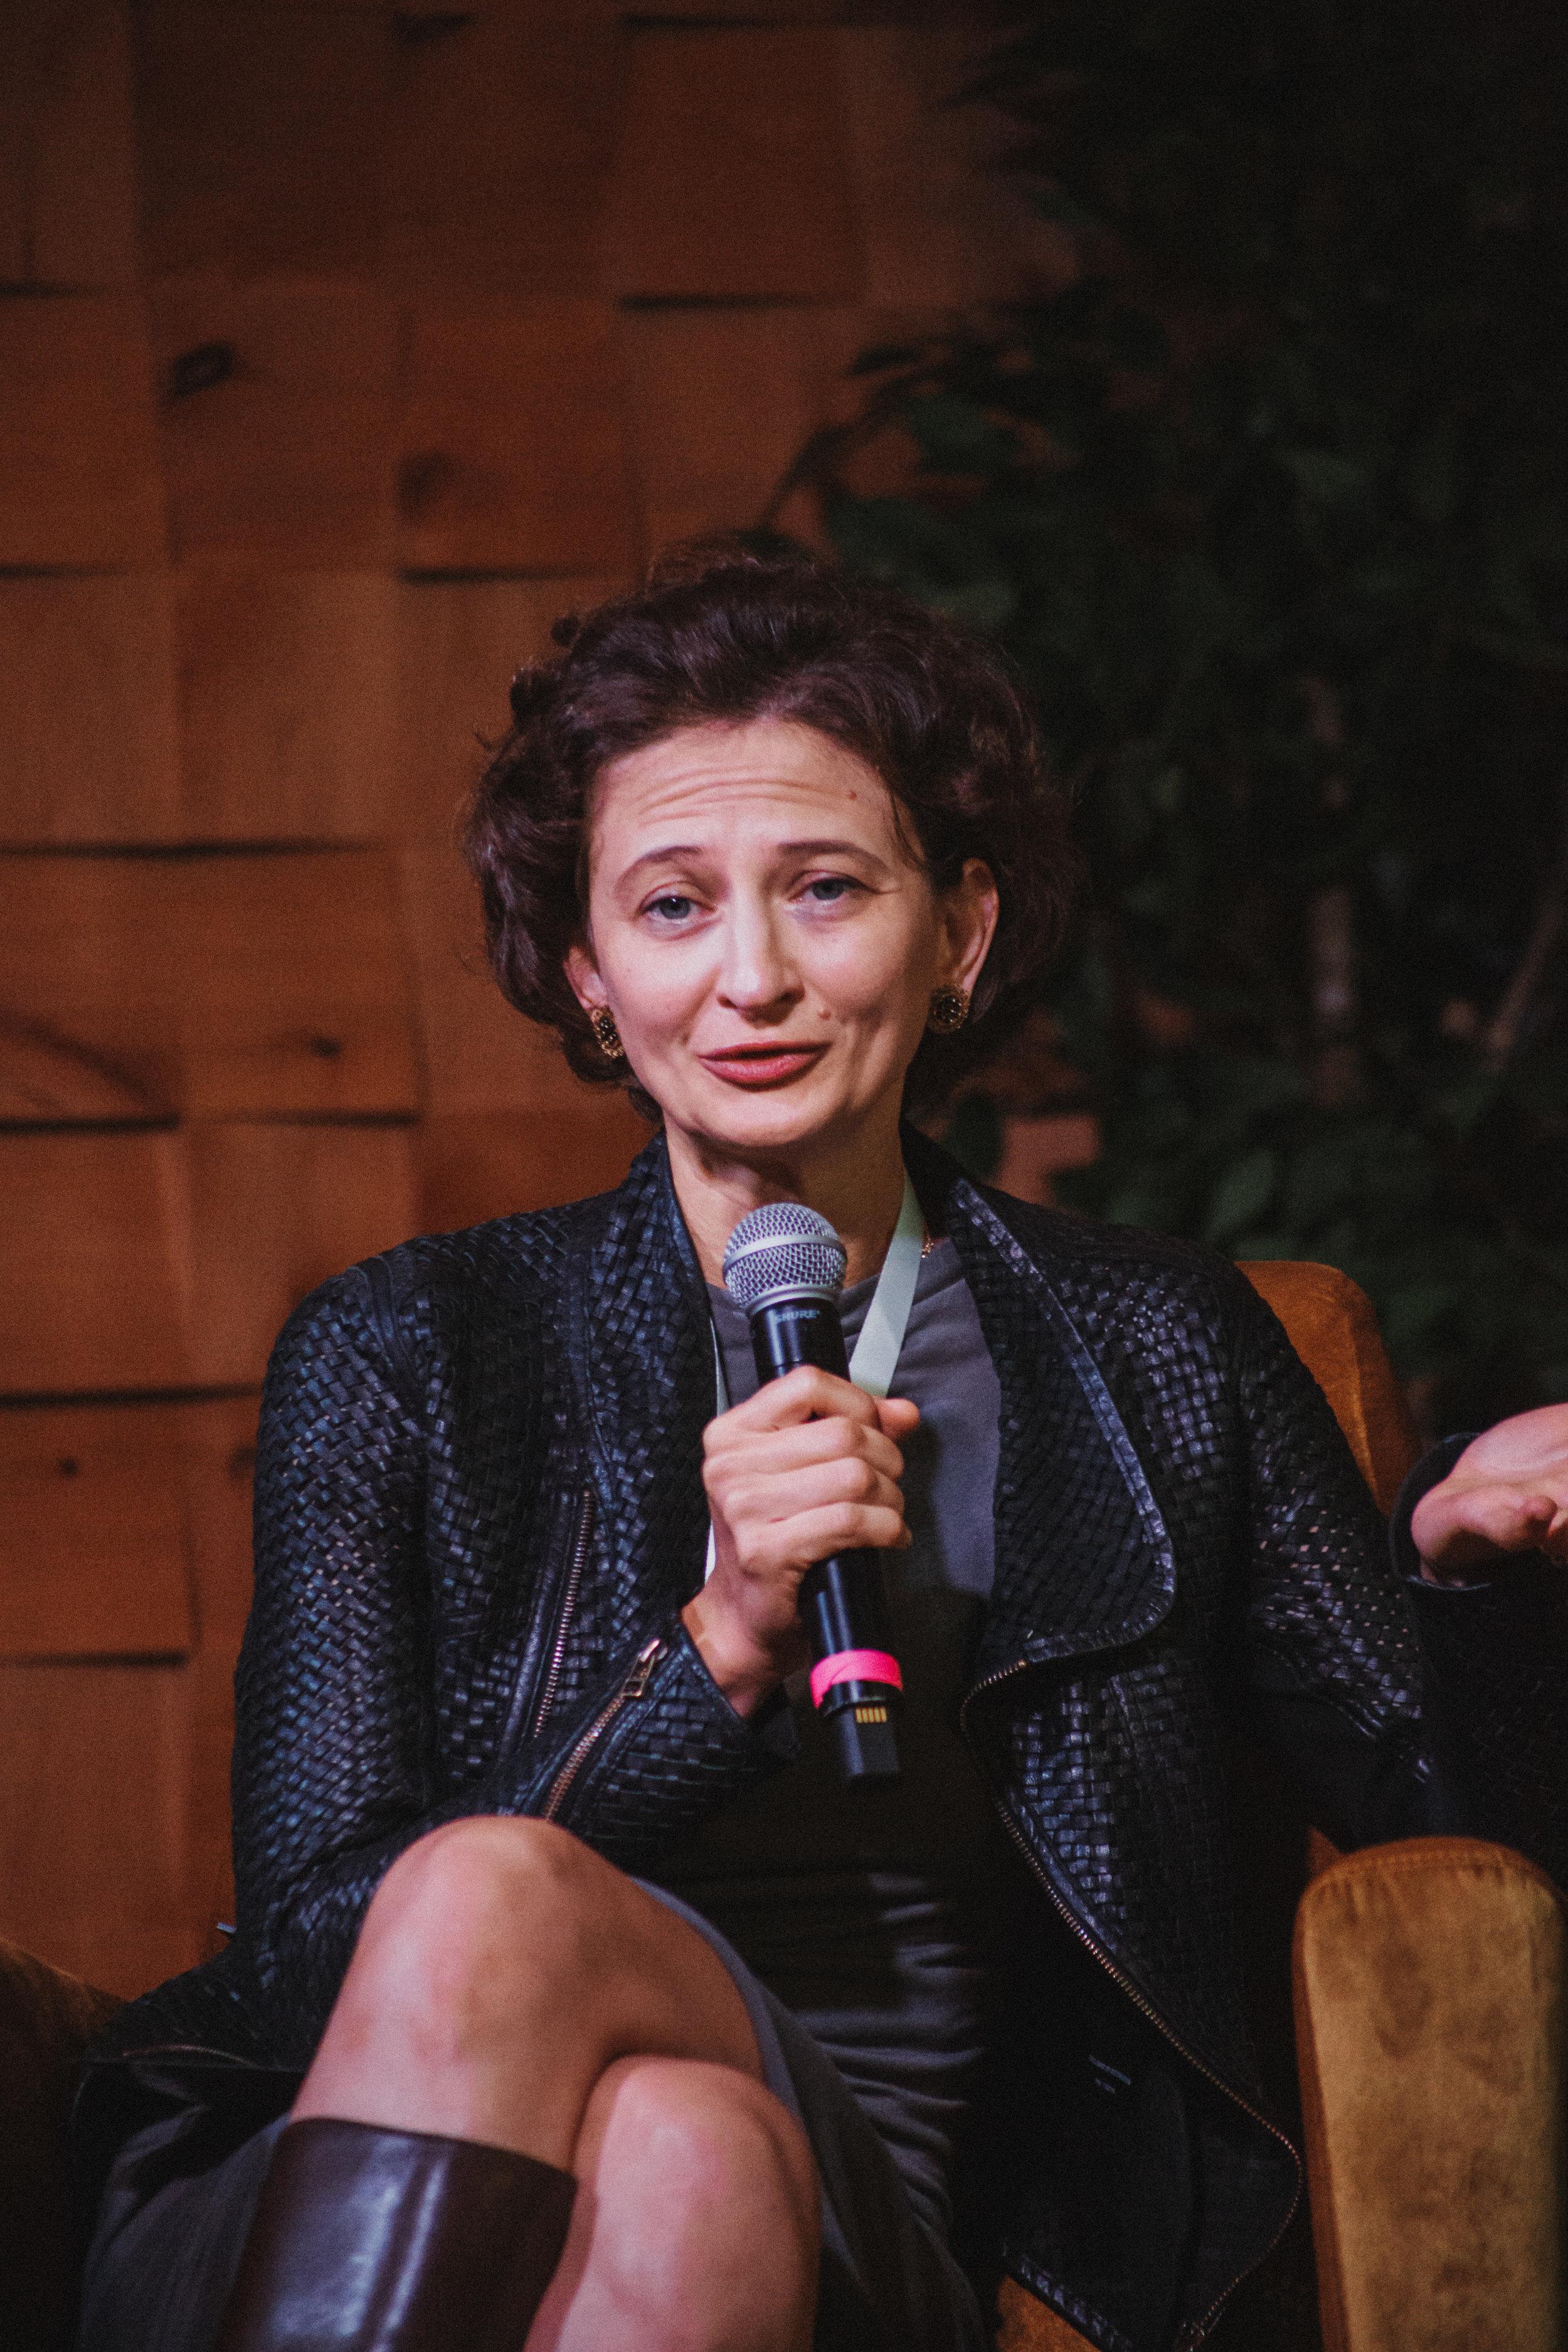 Vilma Mazaite